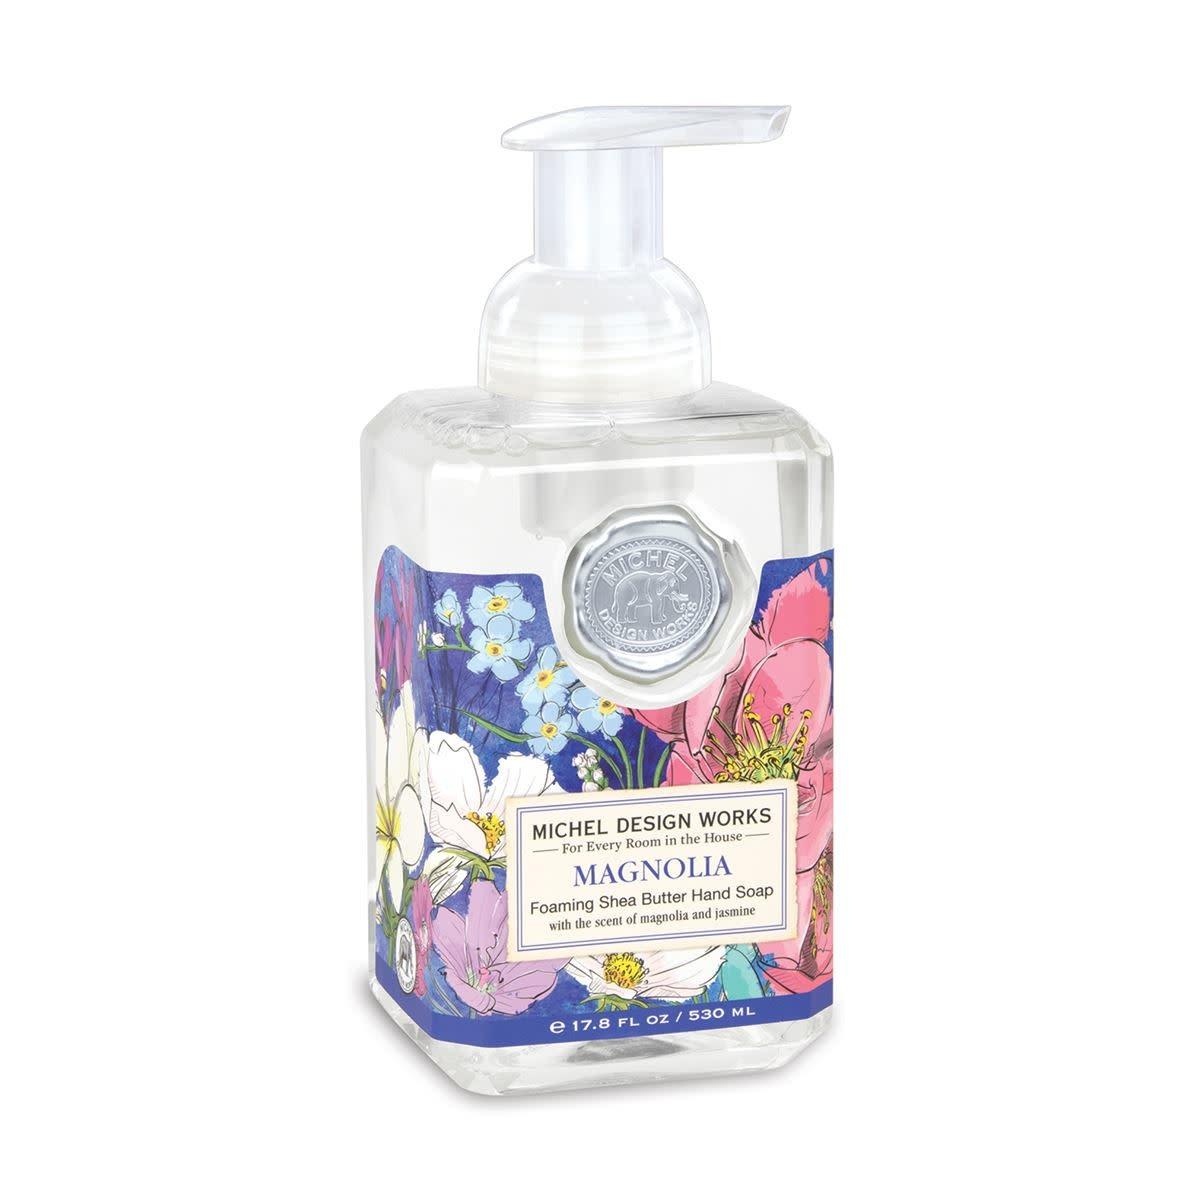 Michel Design Works Magnolia Foaming Soap